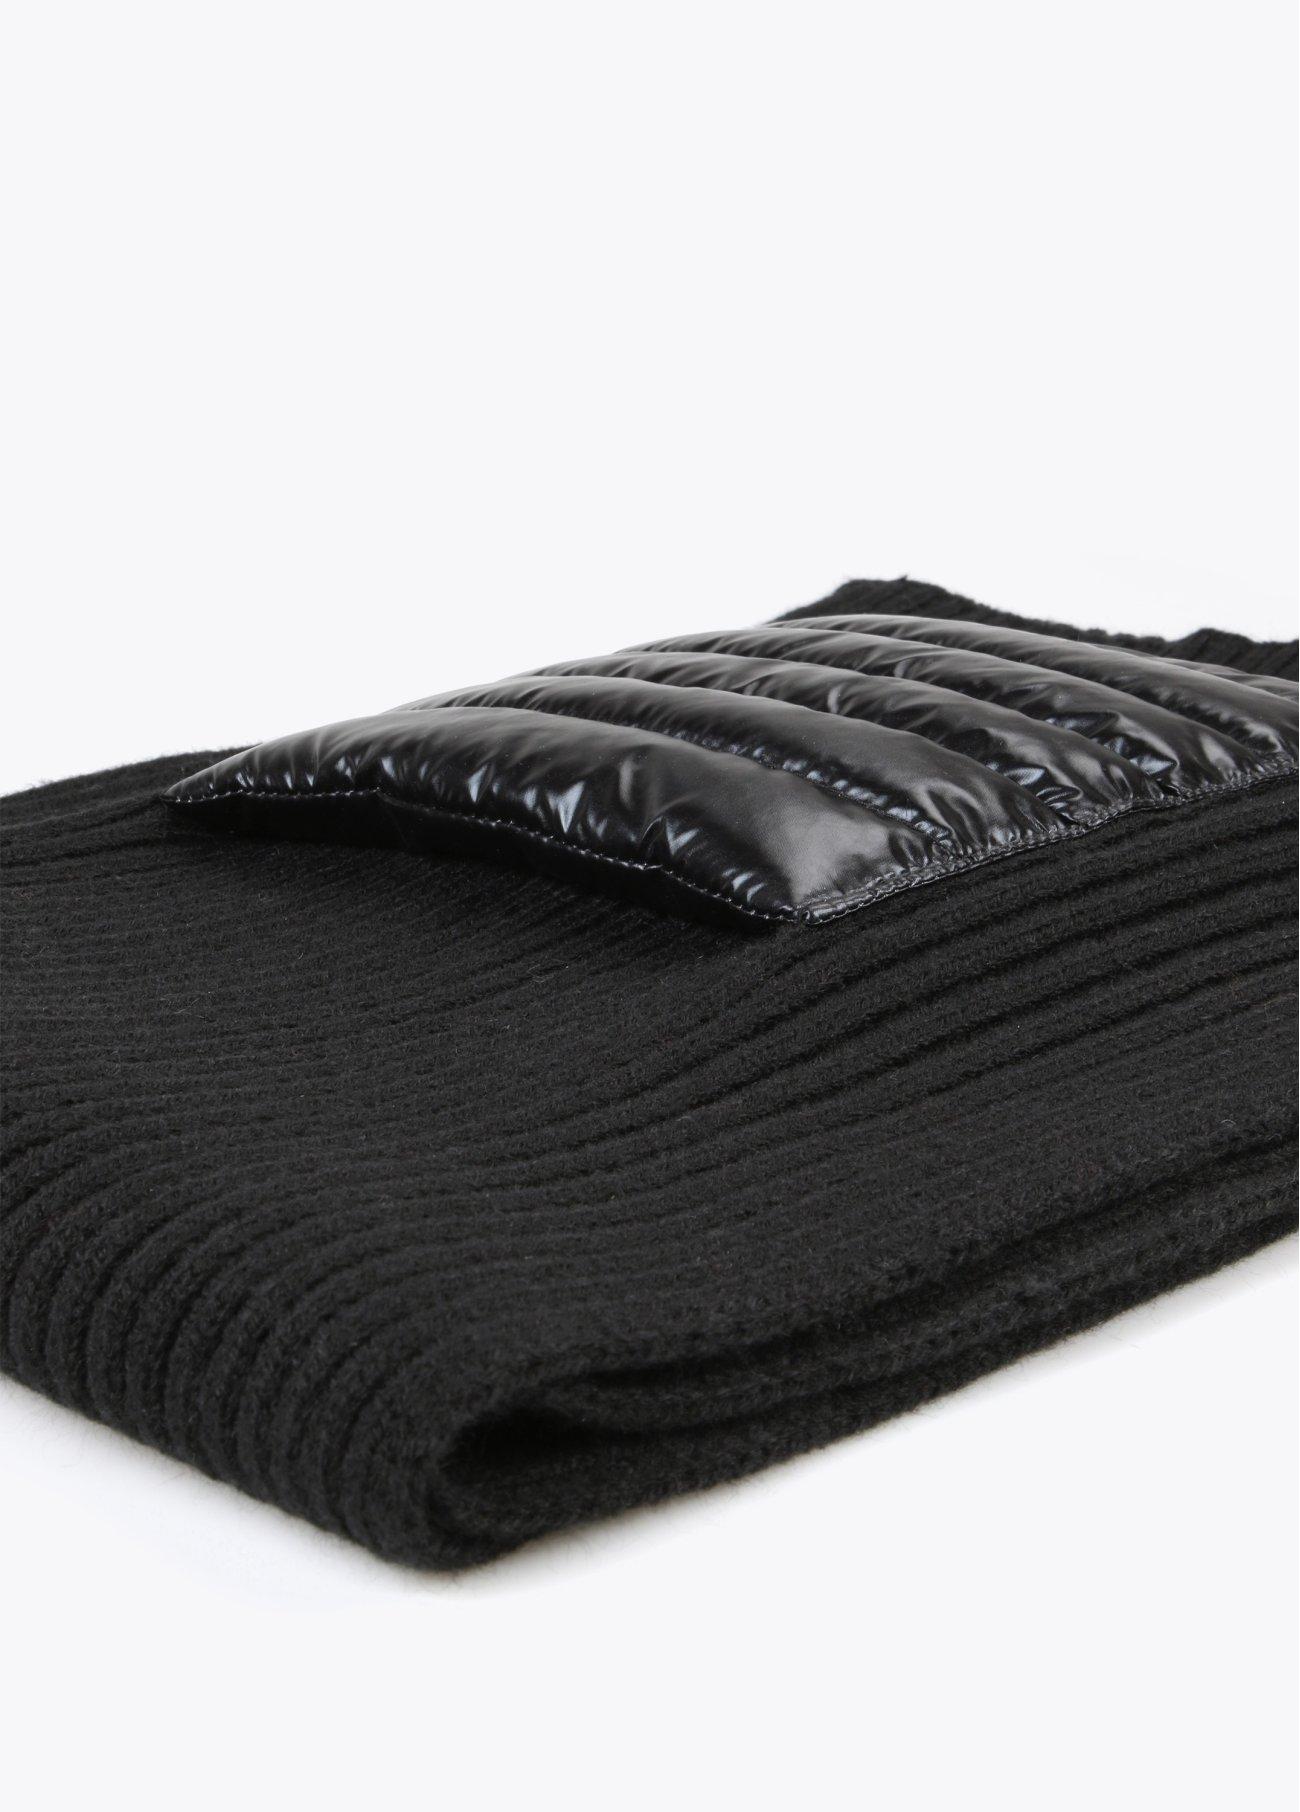 Bufanda bolsillos acolchados, negro 2